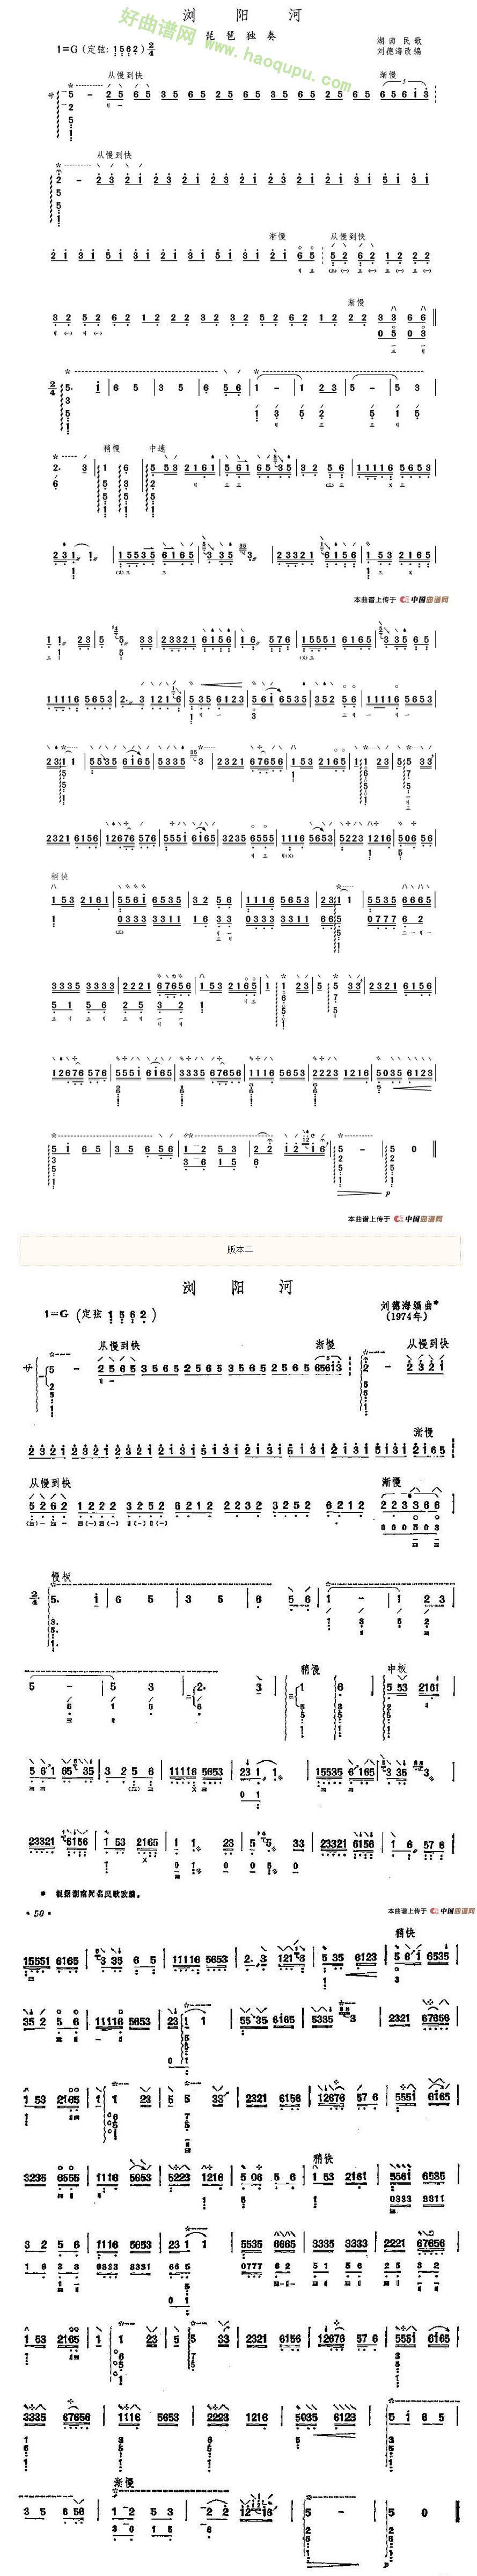 《浏阳河》 琵琶曲谱第1张